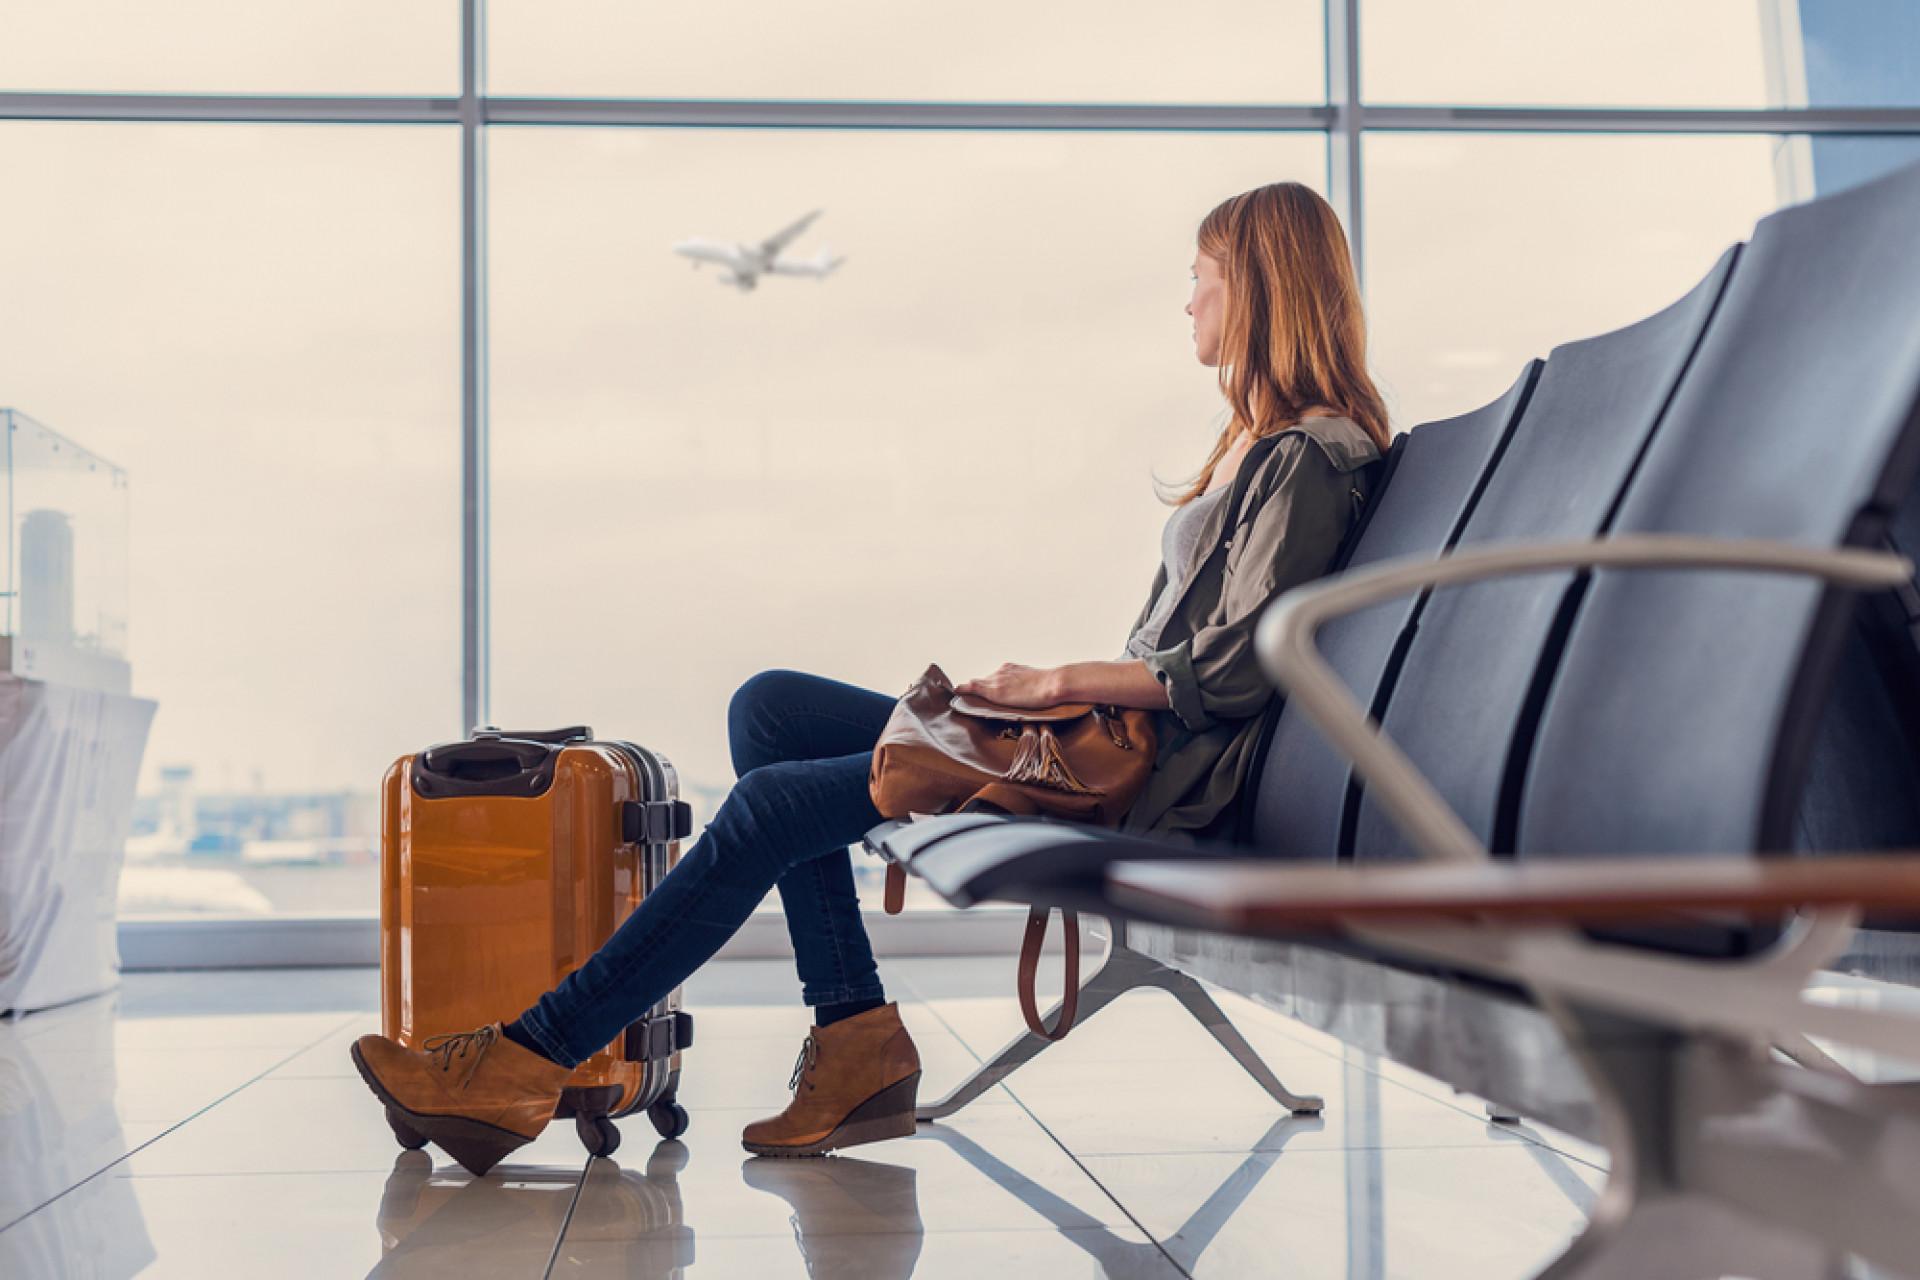 Podróżujesz służbowo i opóźnił się lot? Masz prawo do odszkodowania